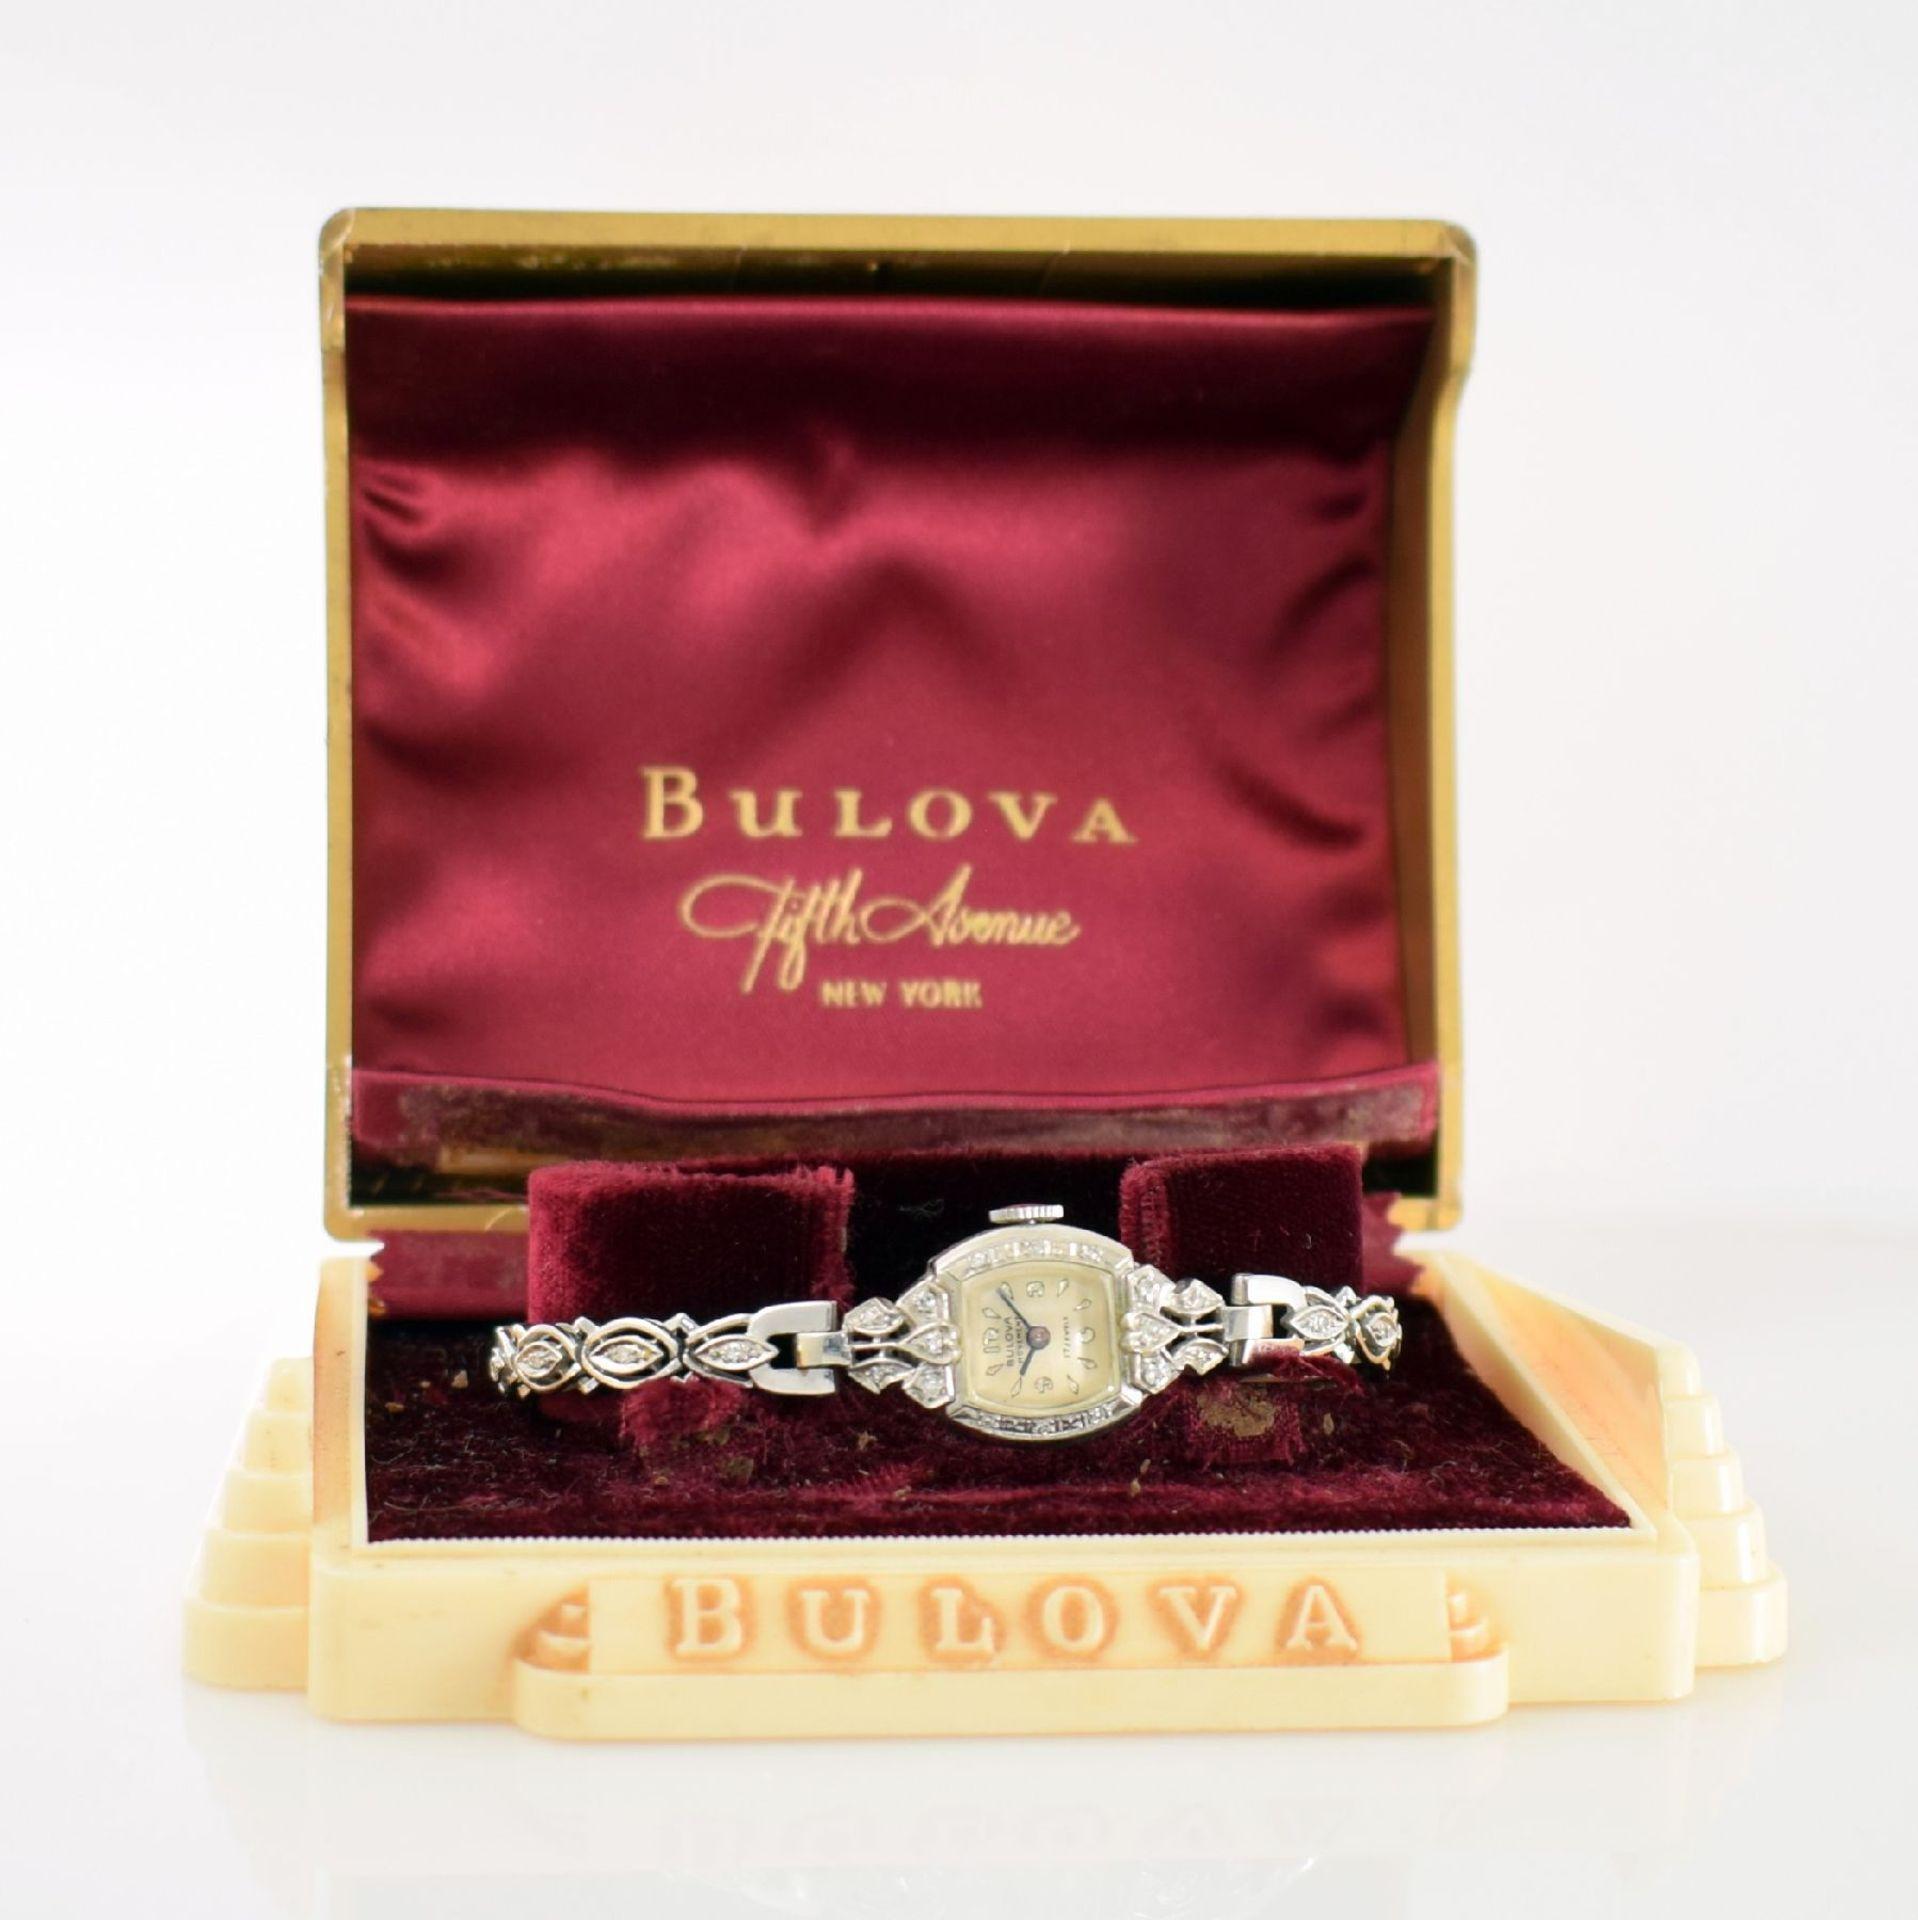 BULOVA Damenarmbanduhr in WG 585/000 mit Diamantbesatz, Handaufzug, USA um 1940, Boden aufgedr., - Bild 5 aus 6